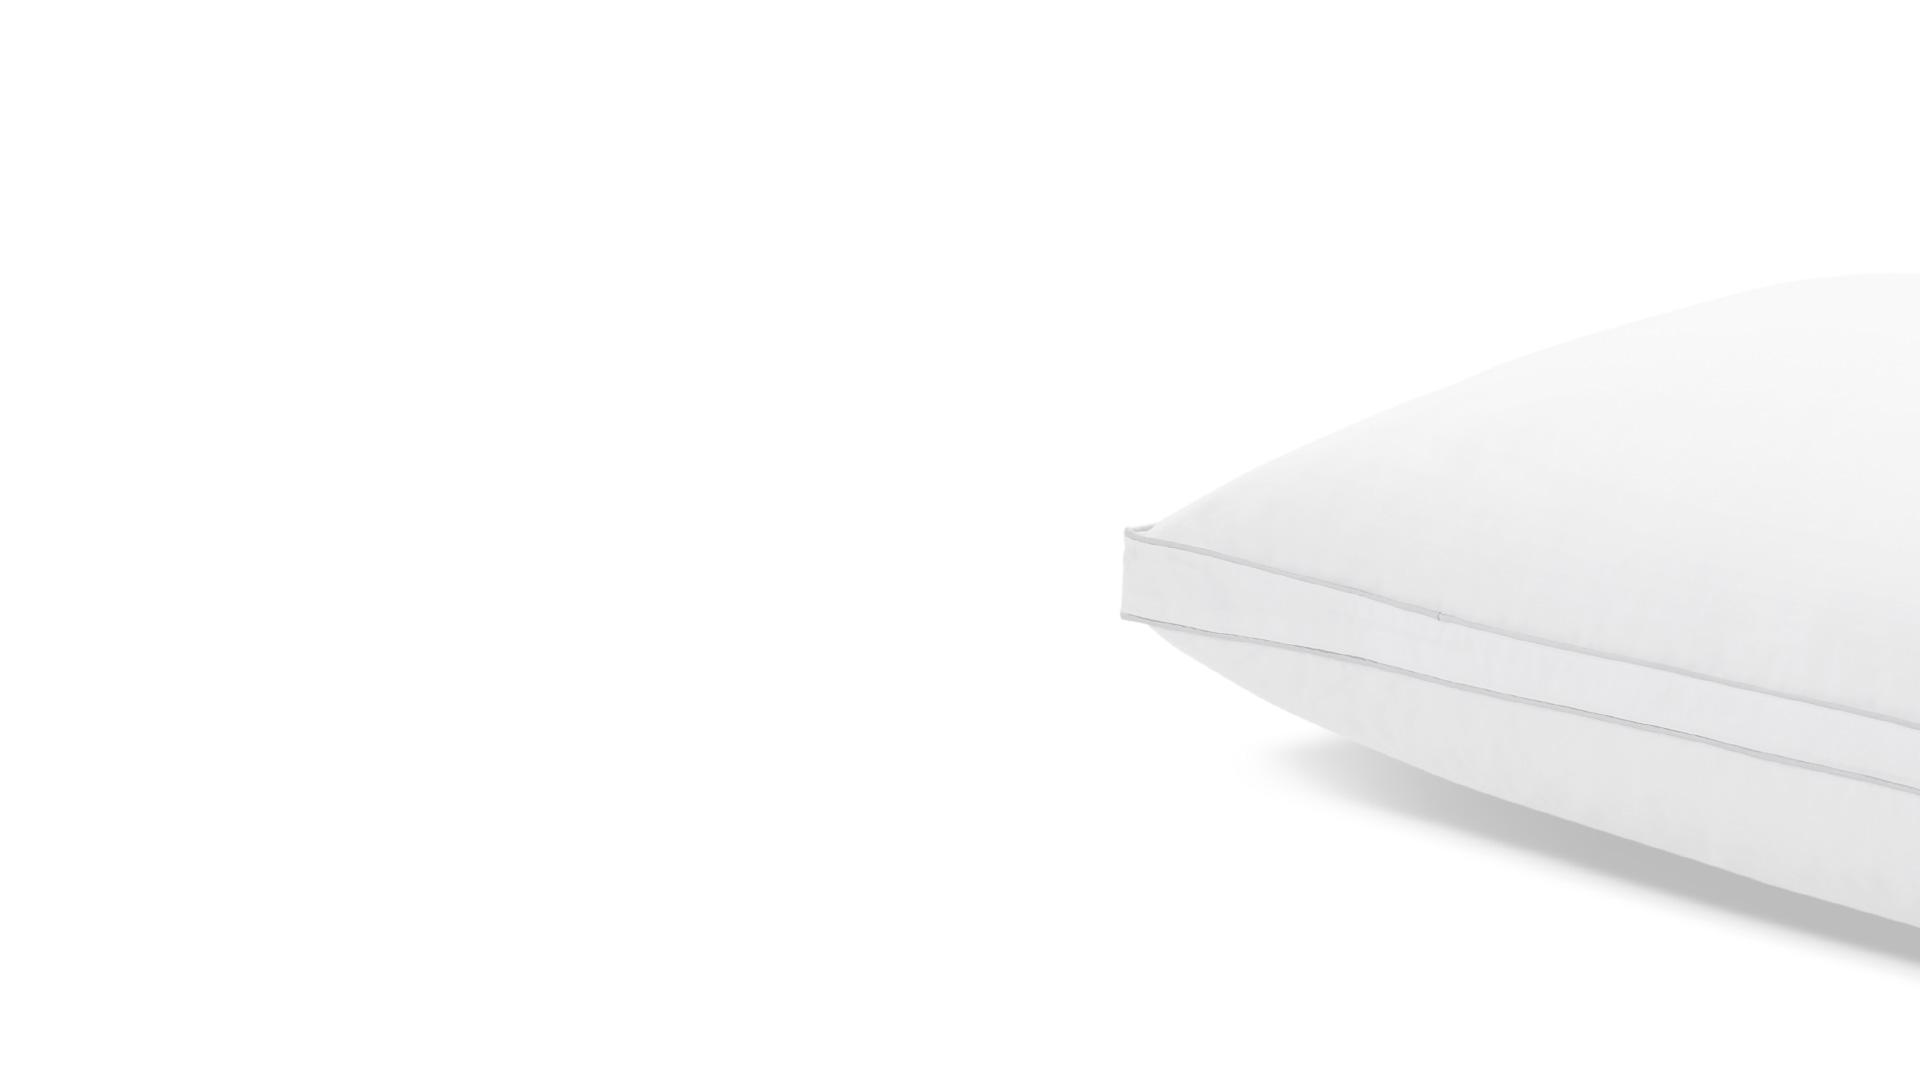 面料表层配备使用白色平纹防羽工艺处理,即便睡扁轻拍后的快速蓬松回弹,也照样保证鸭绒与鸭毛的环状结构稳固不漏毛。